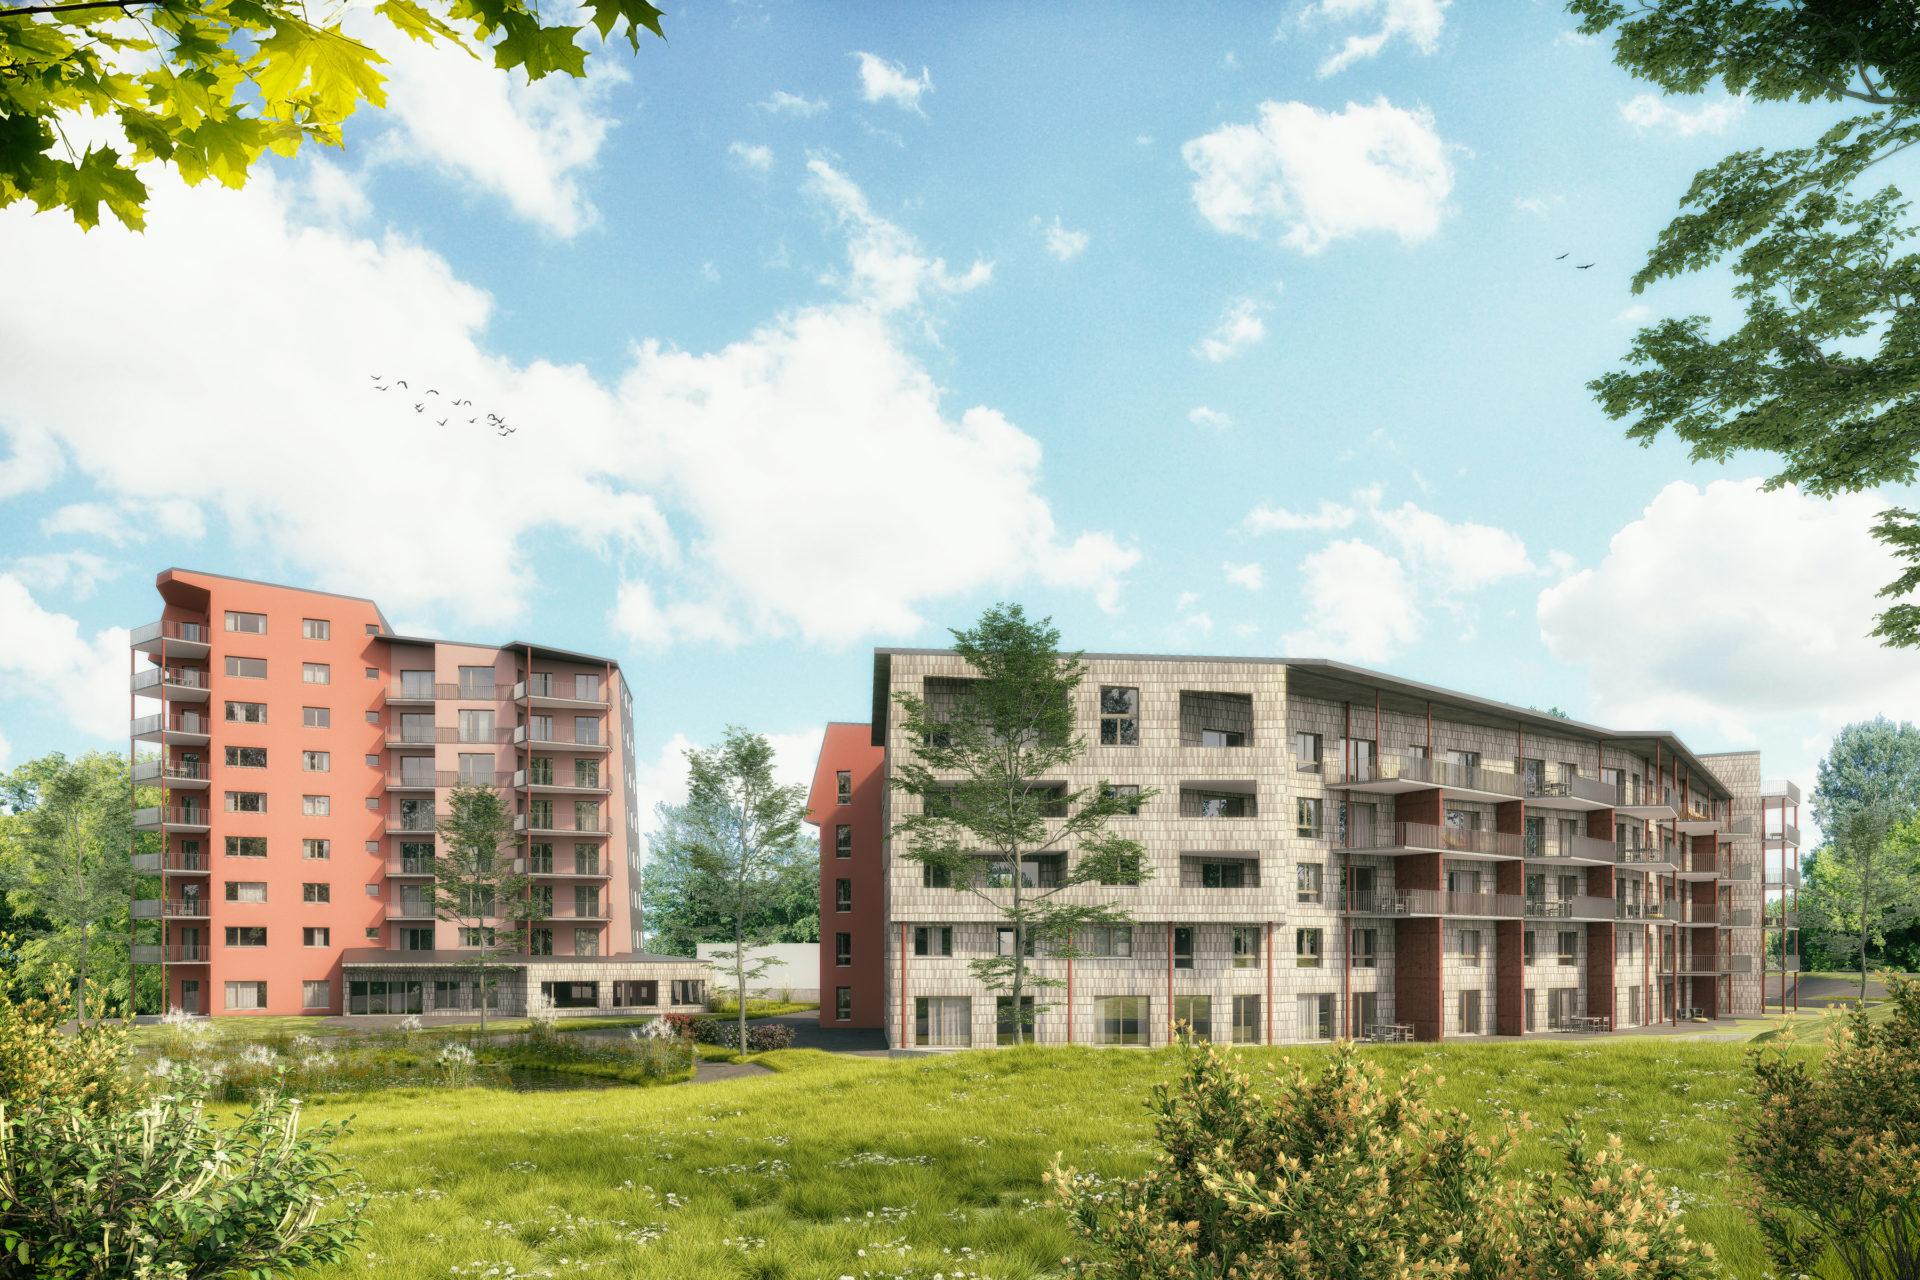 Wohnüberbauung Hanro, Liestal